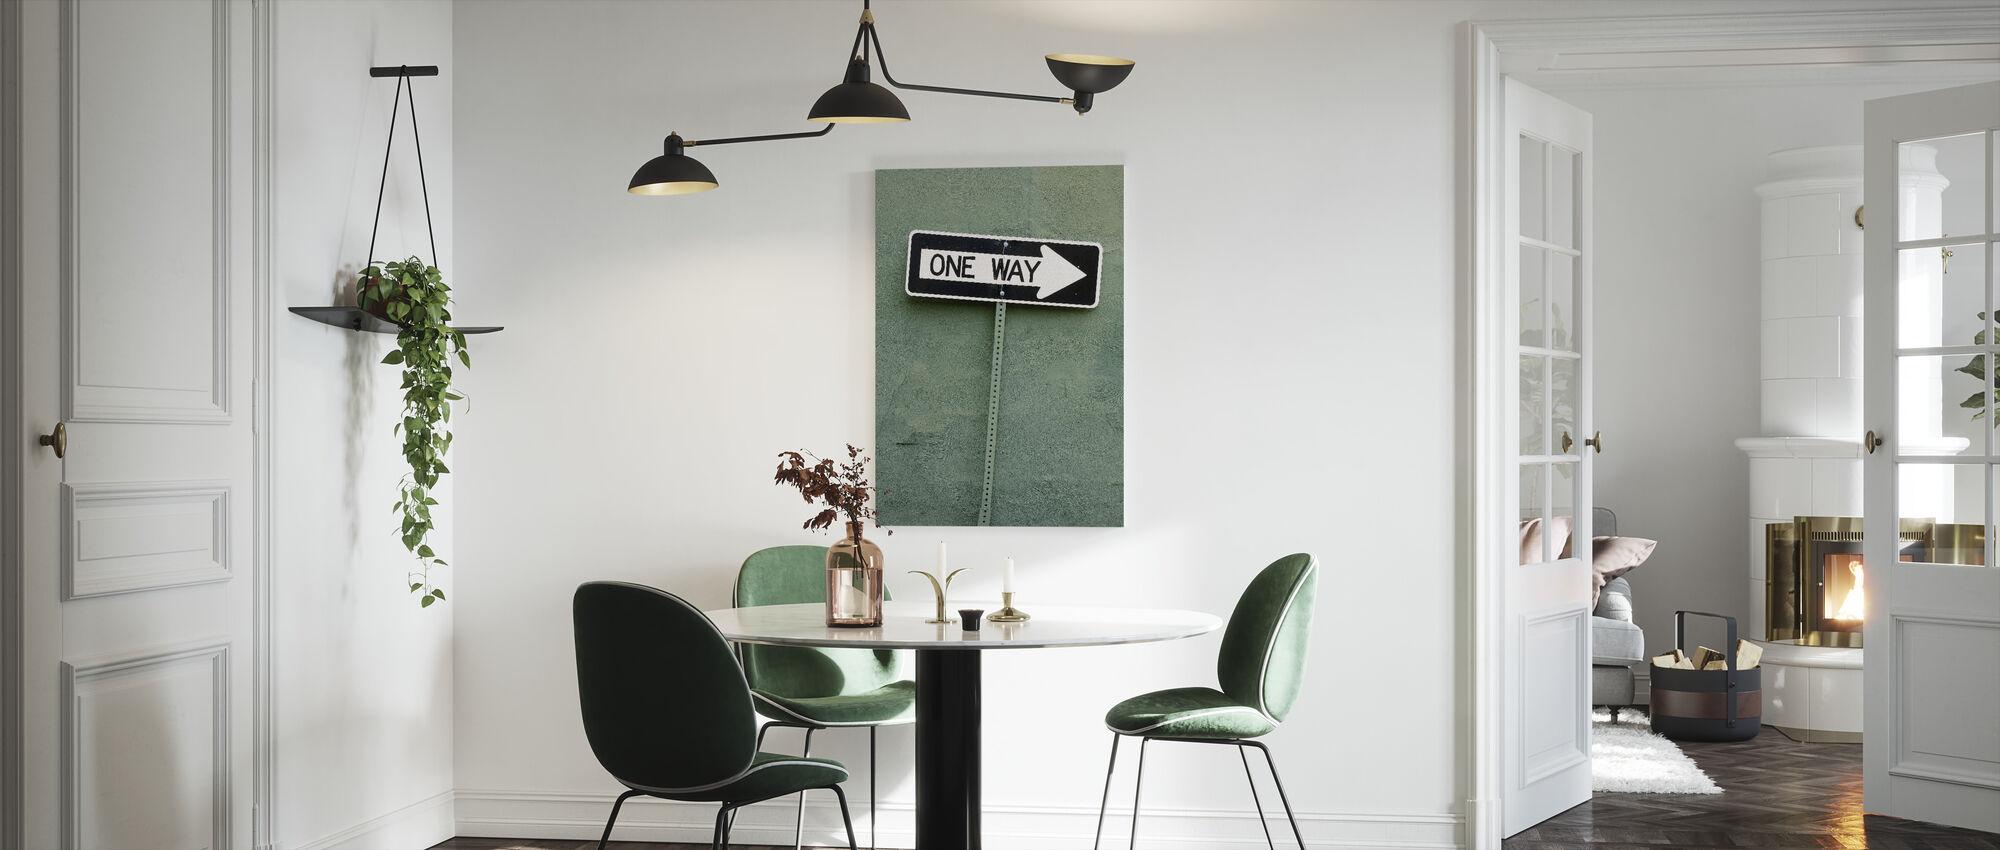 One Way - Canvas print - Kitchen